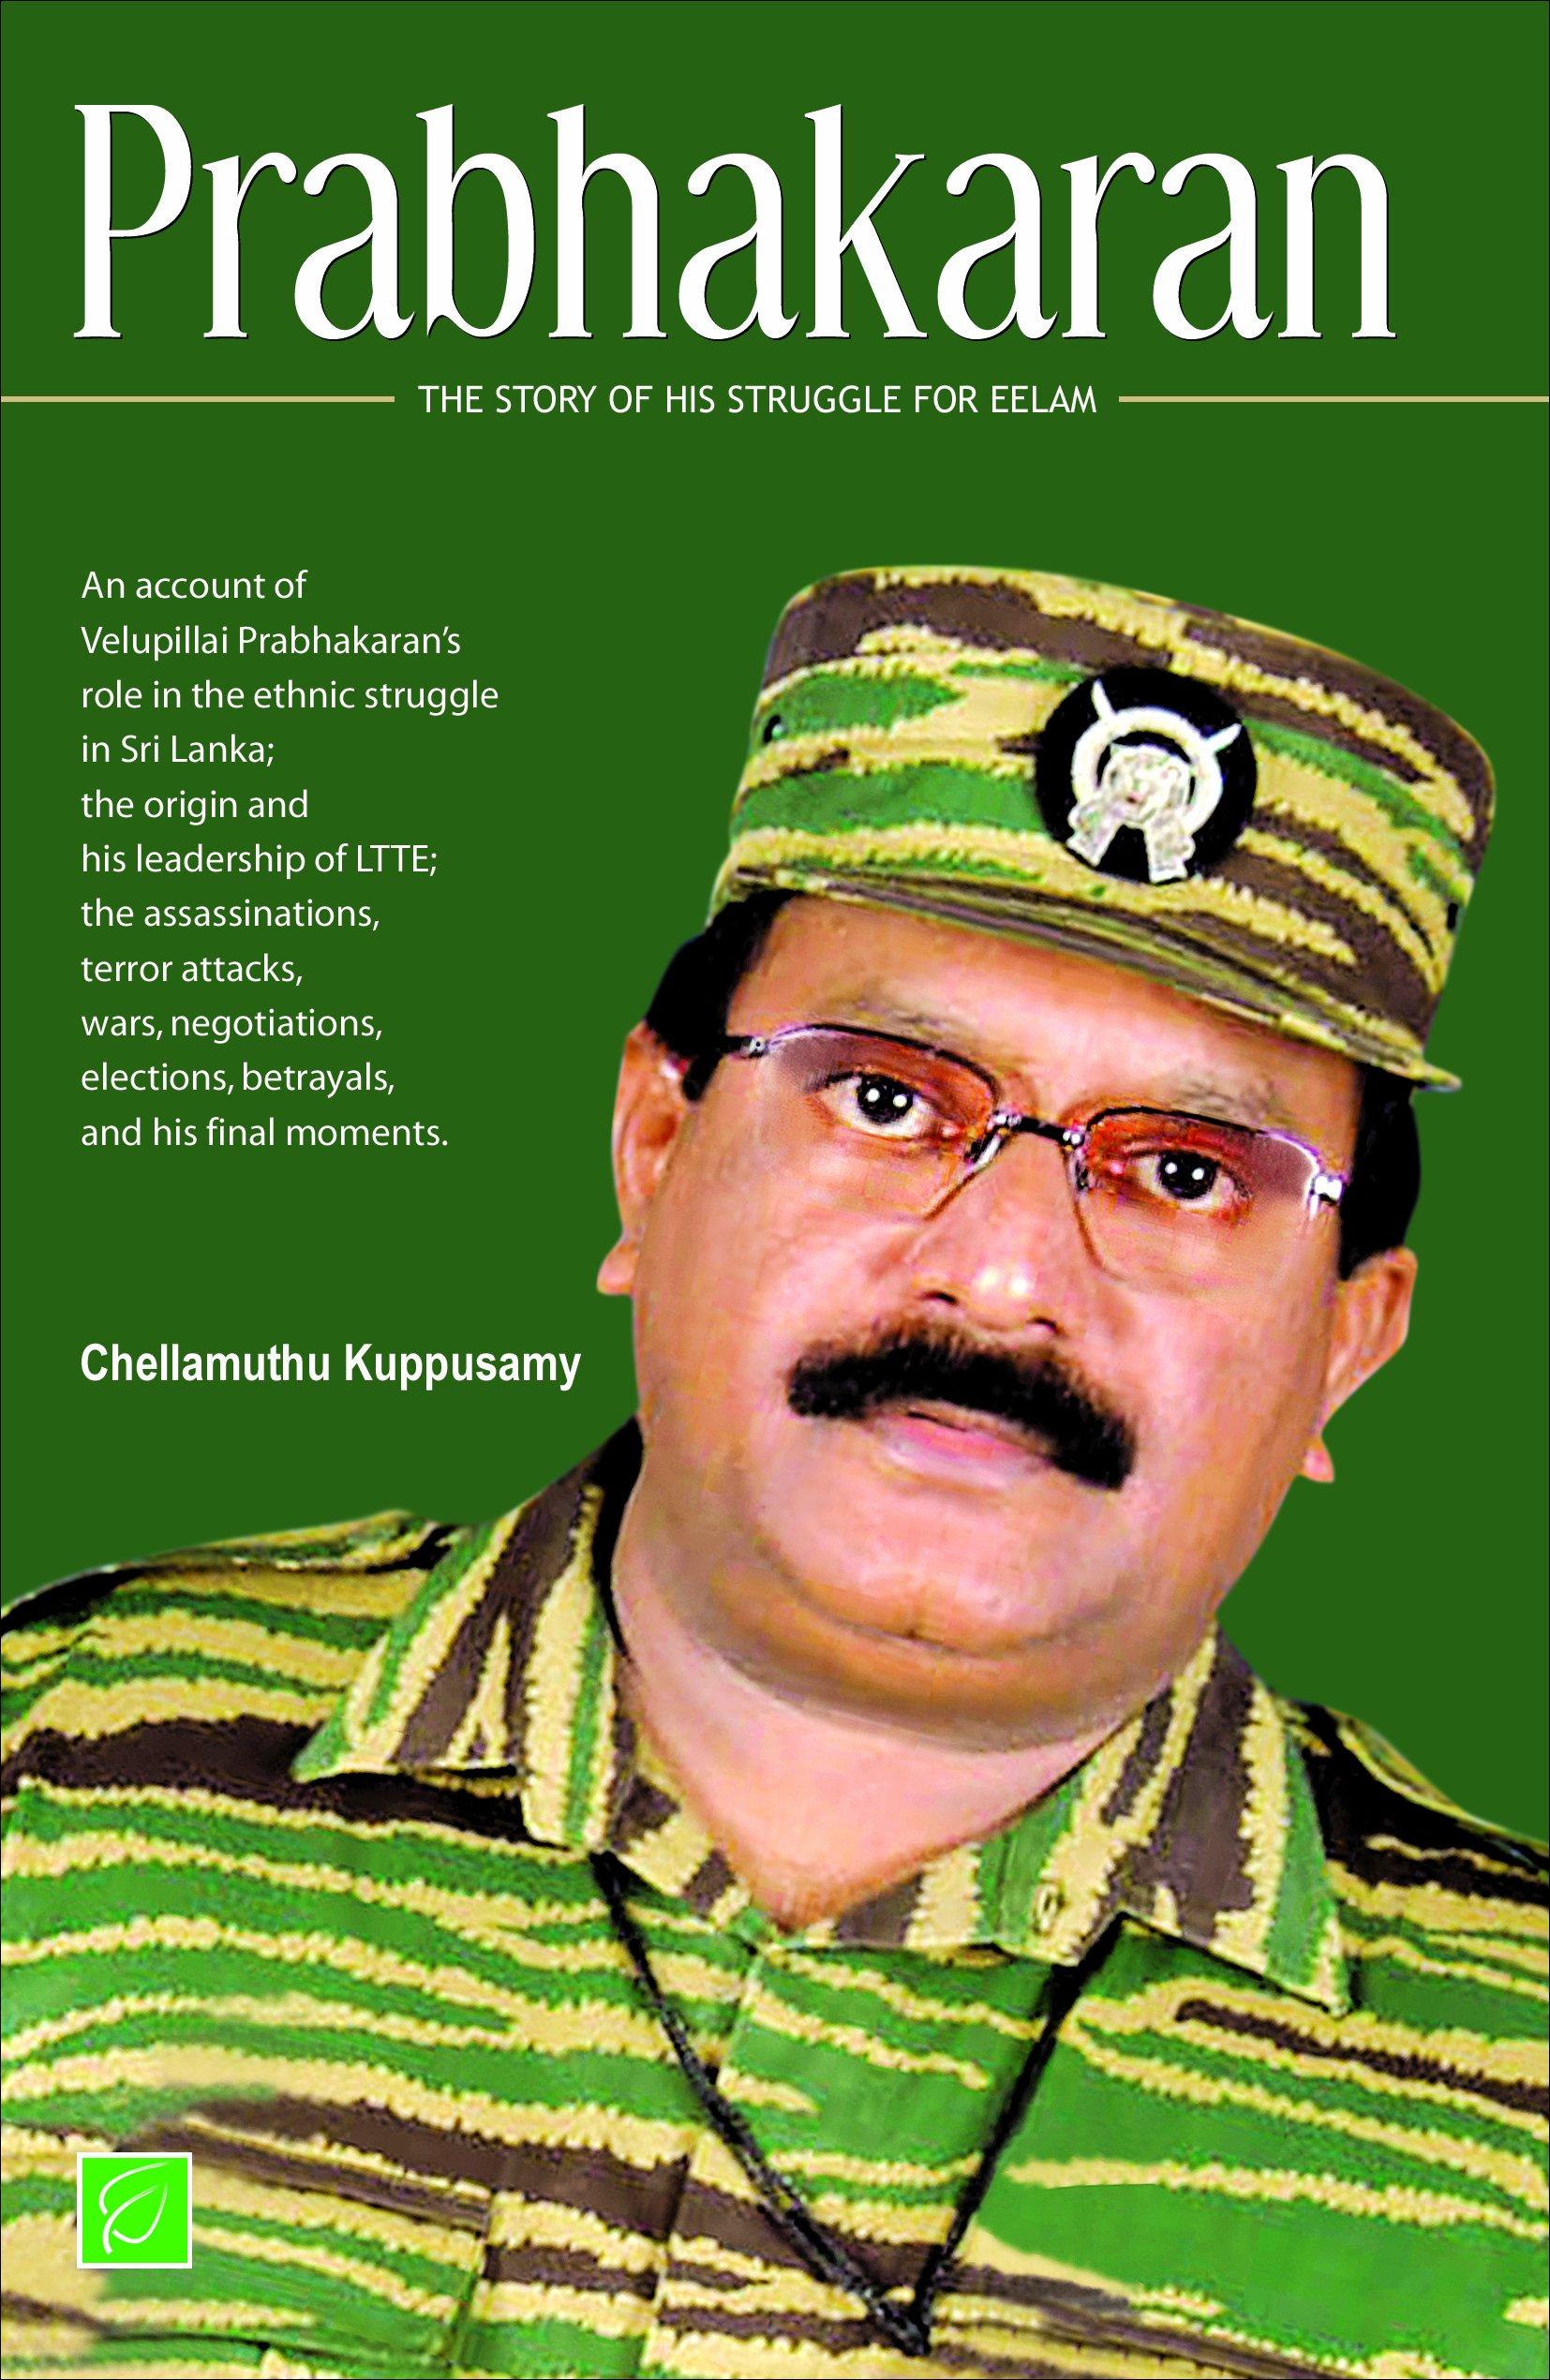 Tamil eelam prabhakaran songs download.